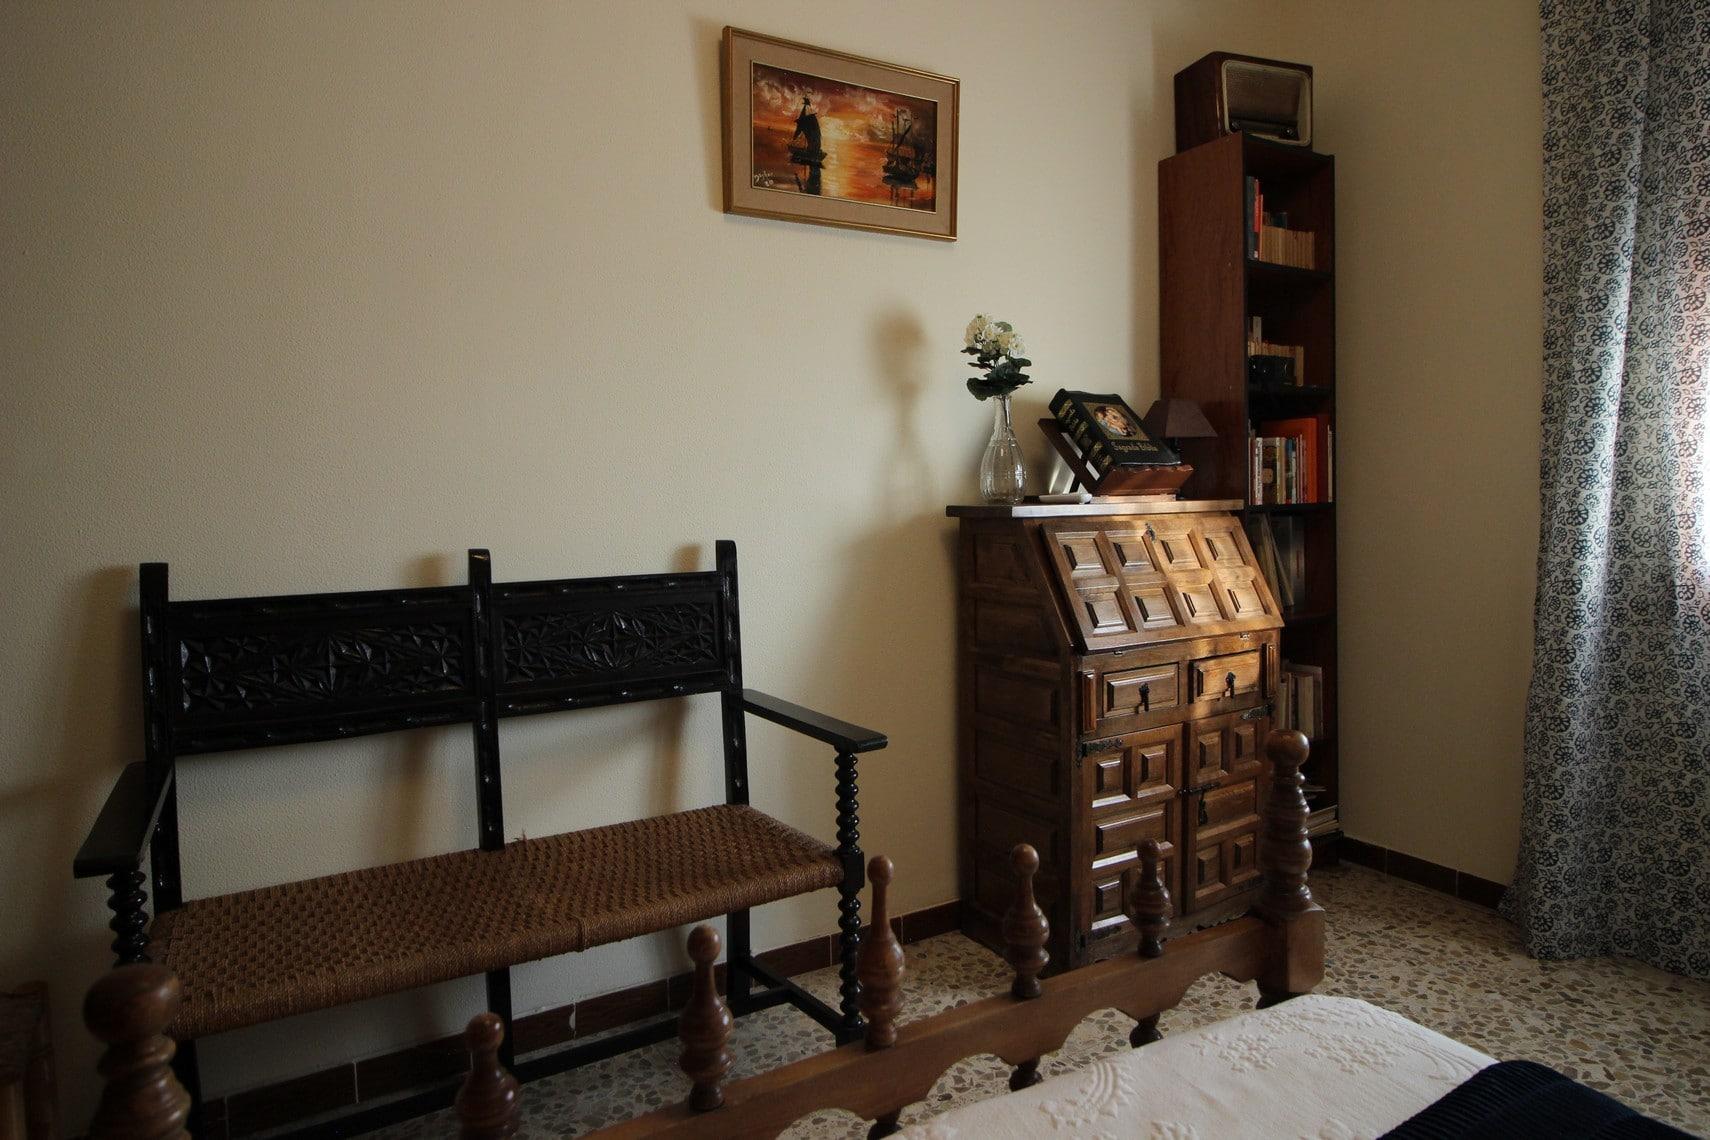 habitación1_las_hazas jarandilla019